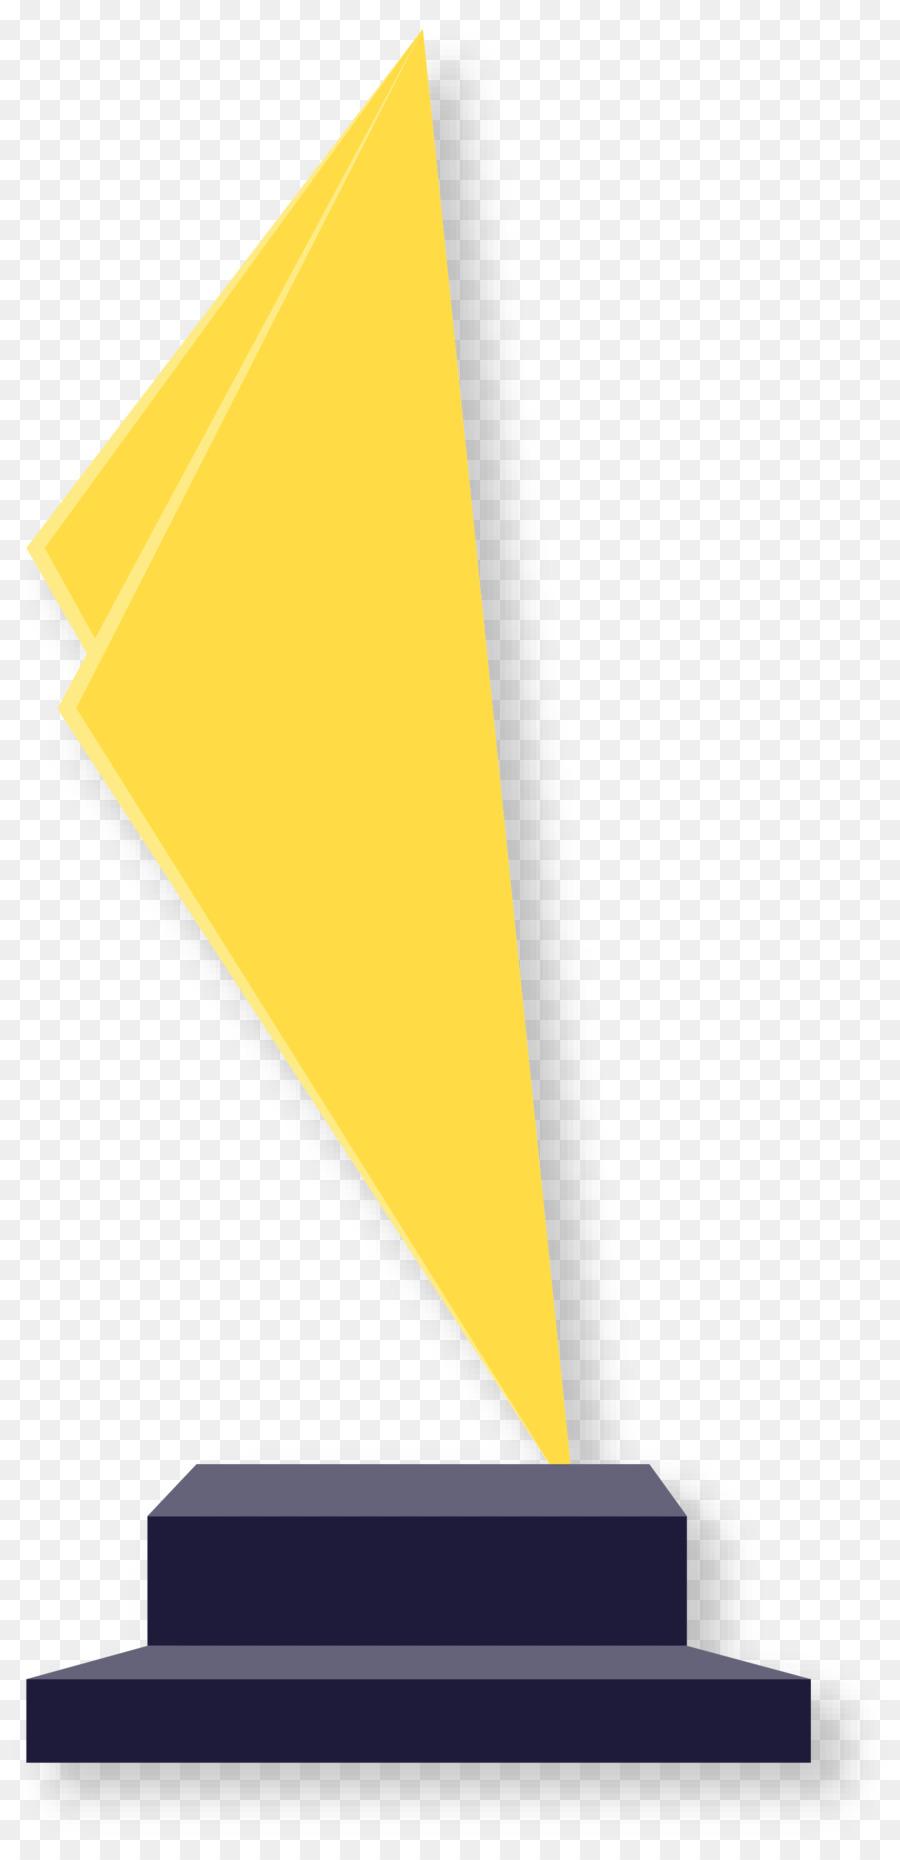 Descarga gratuita de Línea, ángulo De, Triángulo imágenes PNG